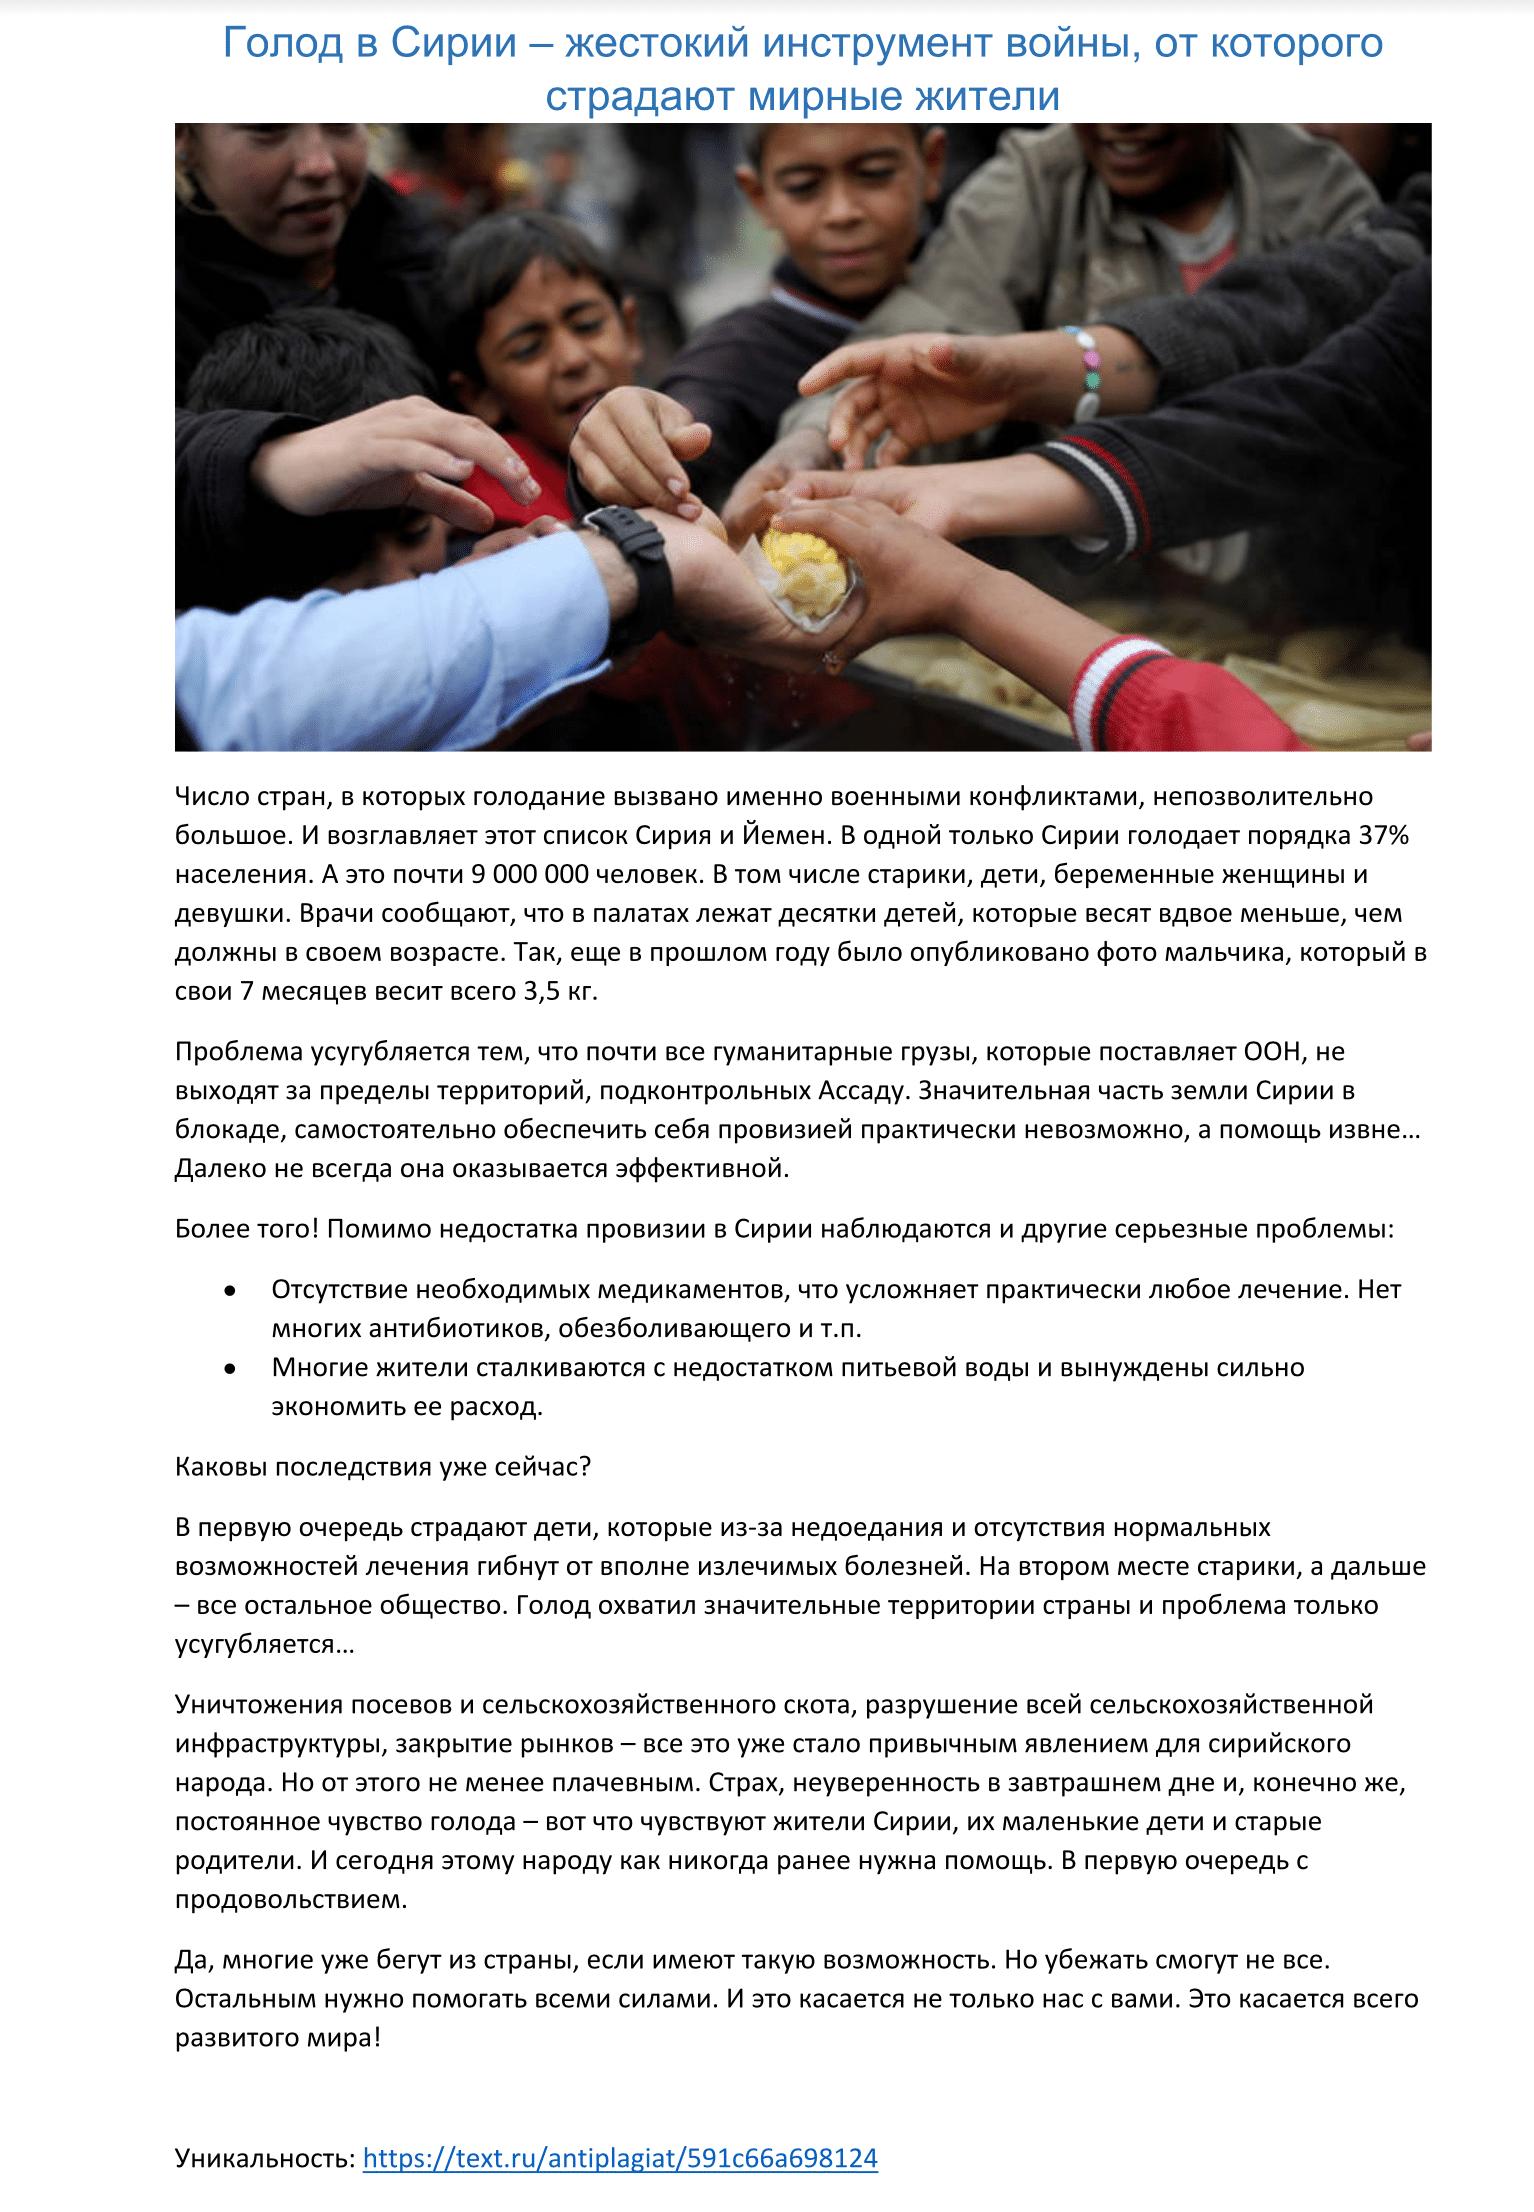 Пример статьи для социальной сети №21 – Статья на тему голода среди жителей Сирийского народа.